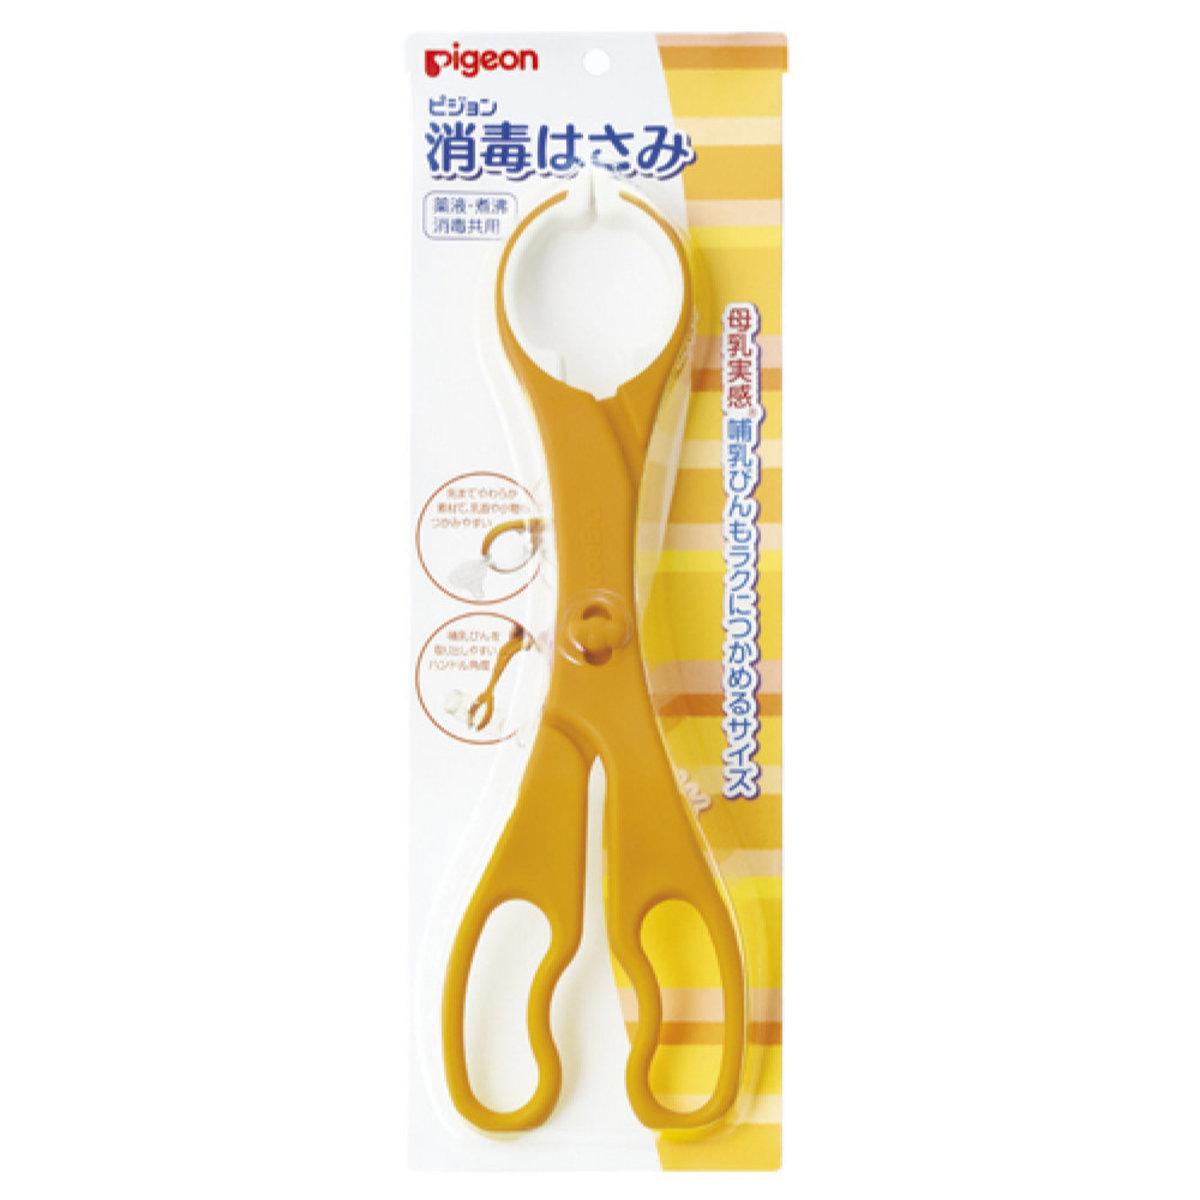 Heatproof bottle clamp (parallel import)